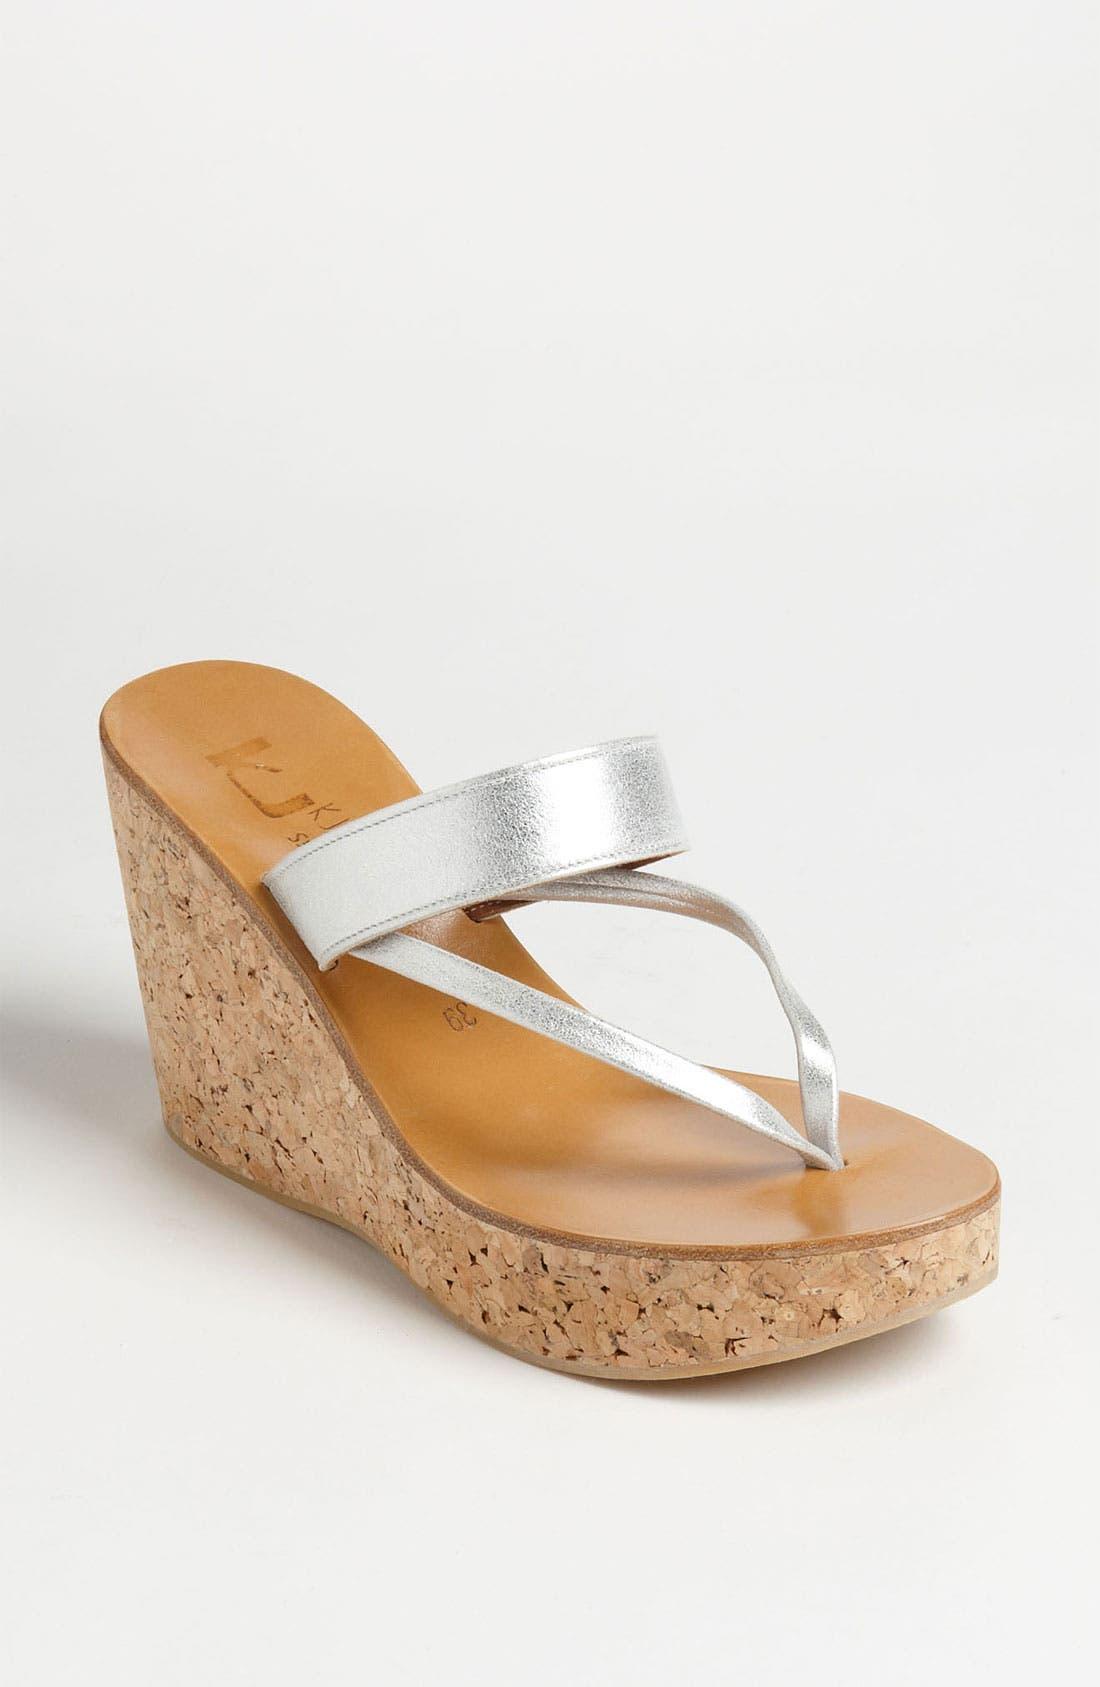 K.JACQUES ST. TROPEZ 'Saturnine' Cork Wedge Sandal, Main, color, 040